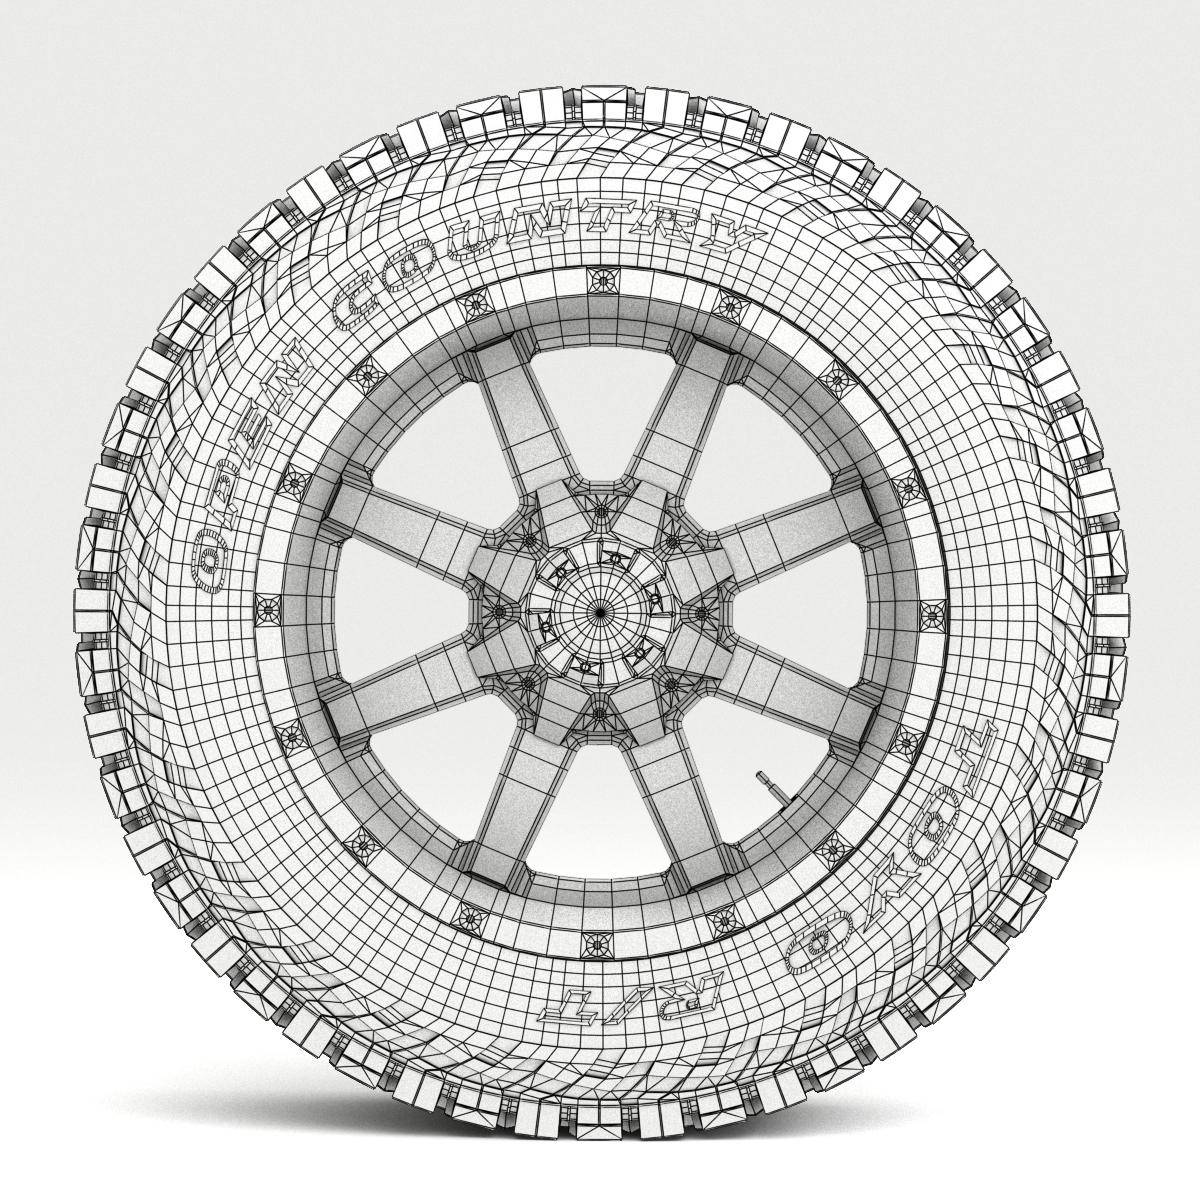 off road wheel and tire 7 3d model 3ds max fbx tga targa icb vda vst pix obj 282495